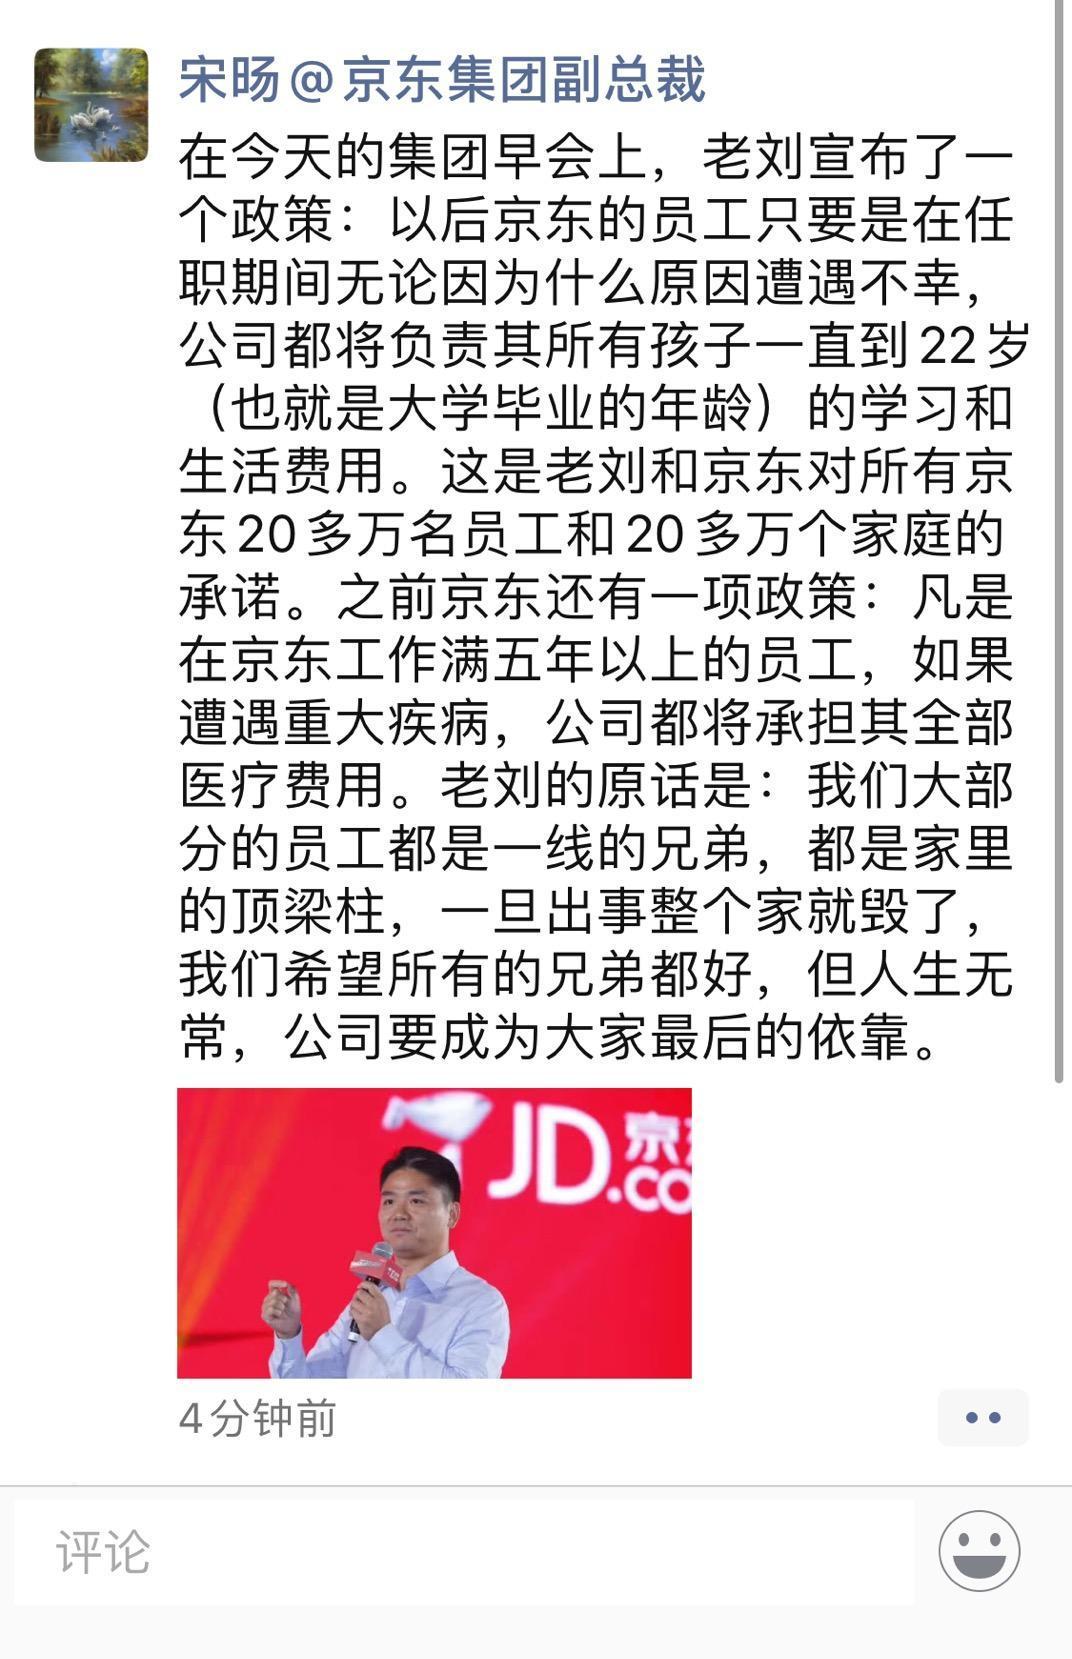 网易裁员刷屏!刘强东:员工如遭遇不幸,京东将负责其孩子到22岁